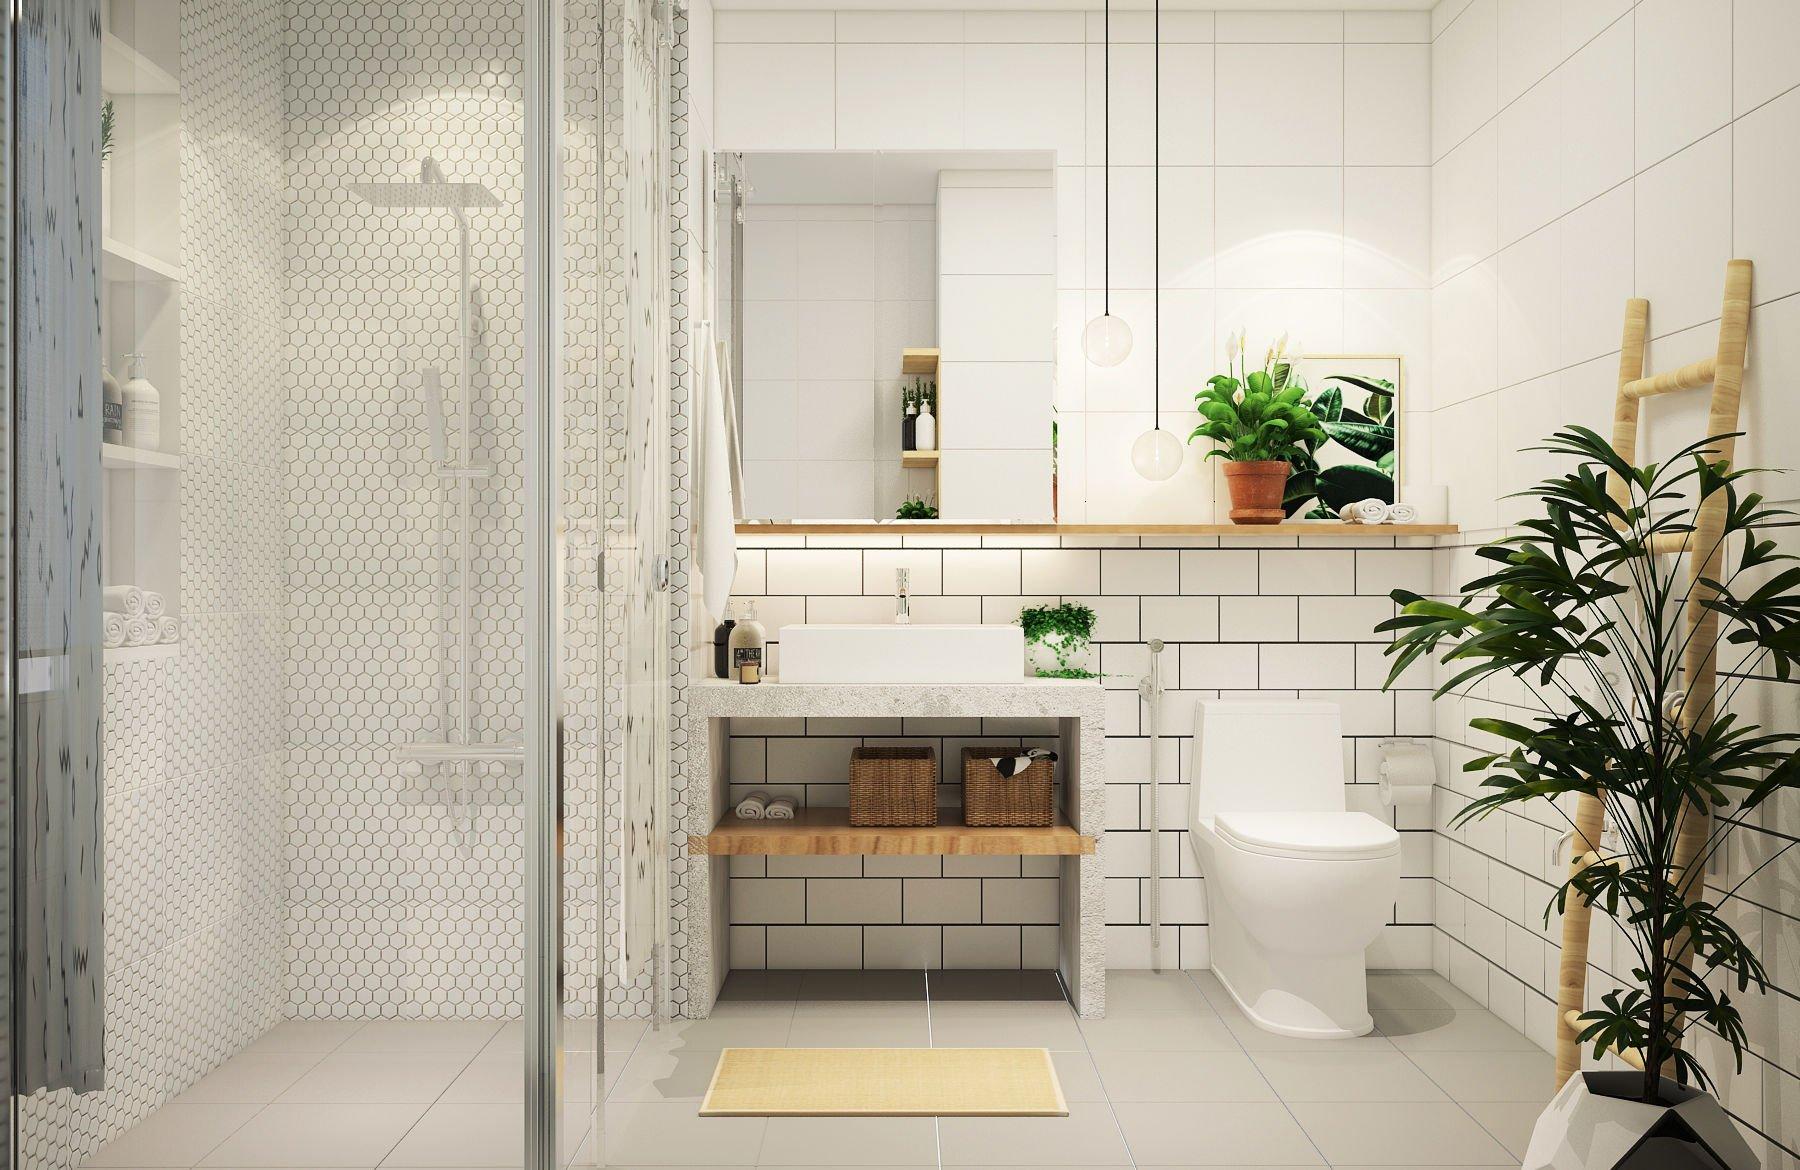 Ý tưởng decor phòng tắm đơn giản, hiện đại nhưng vẫn siêu tiết kiệm